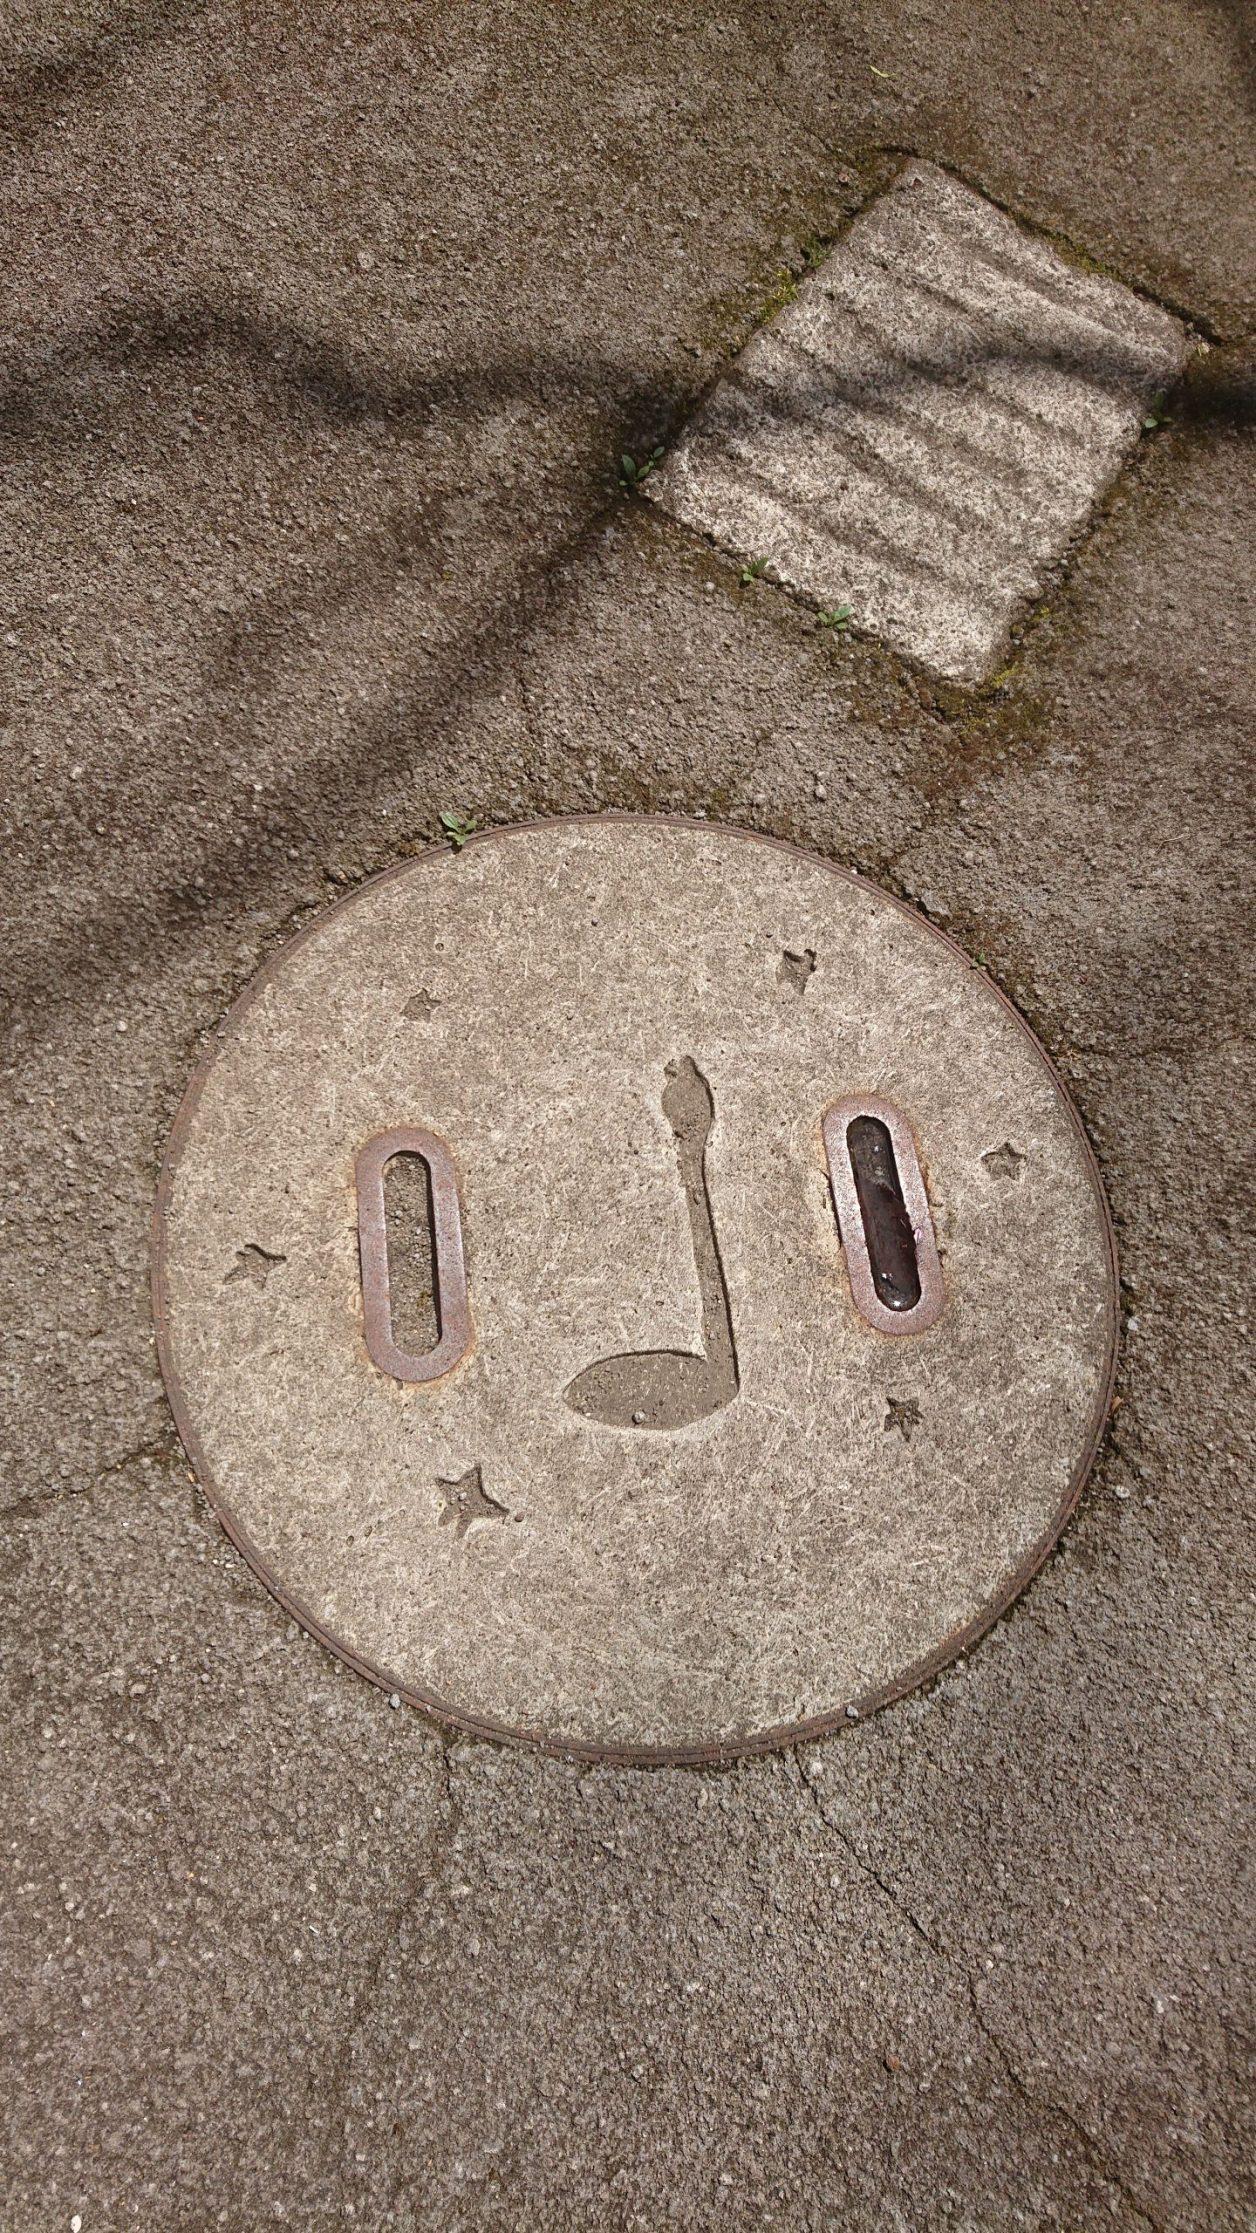 ヘビが掘られたマンホールの蓋